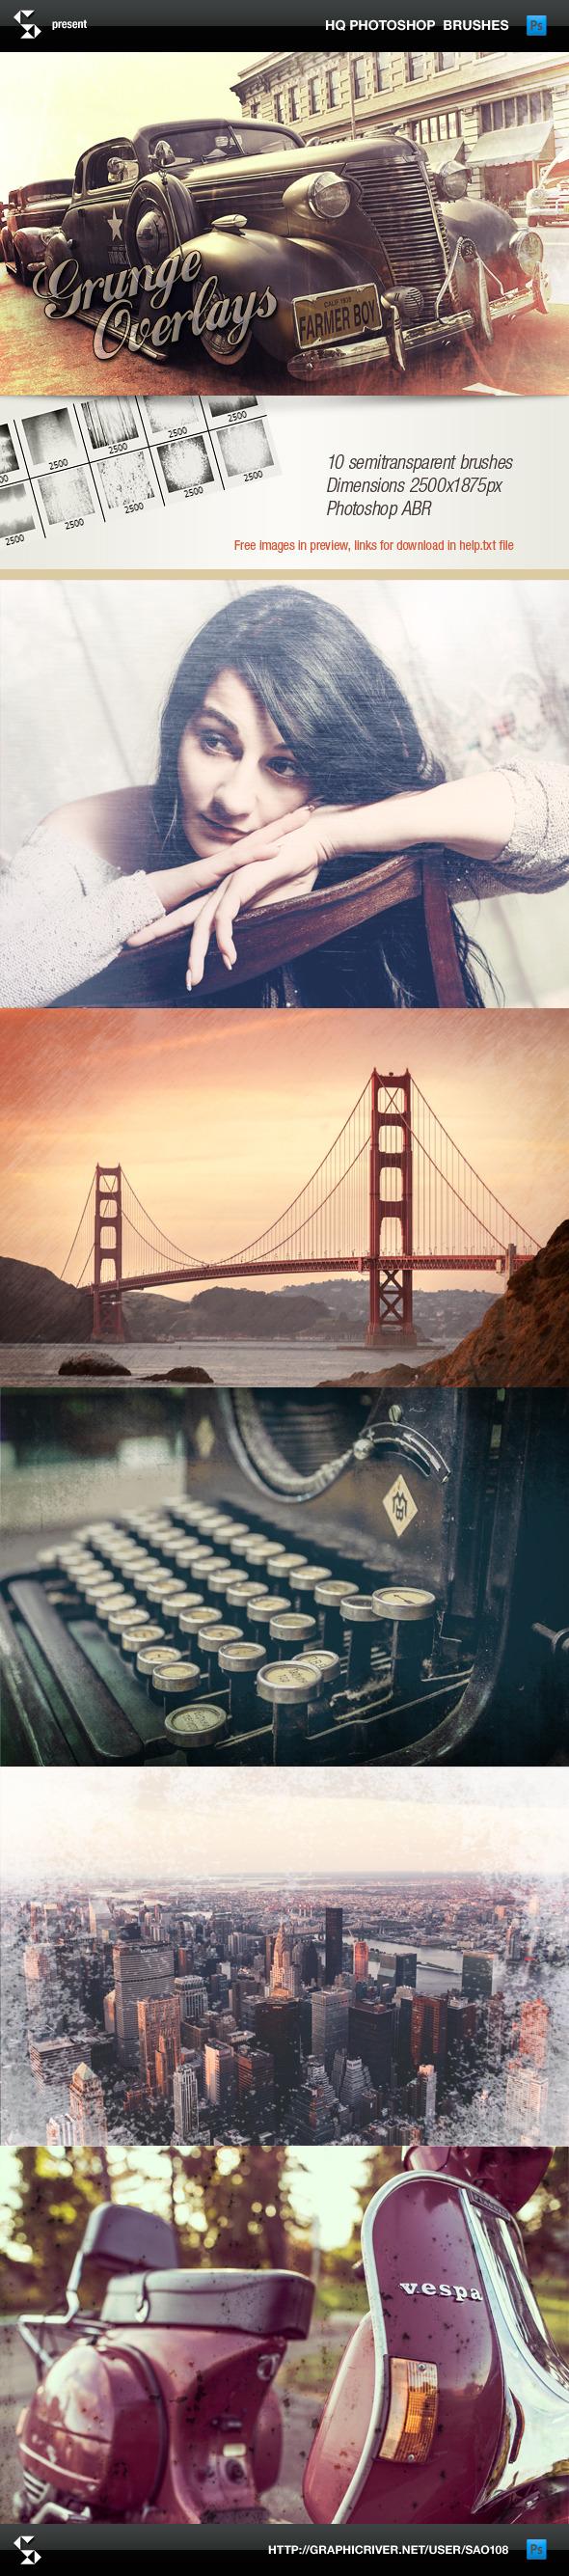 Grunge Overlays - Photoshop Brushes - Grunge Brushes